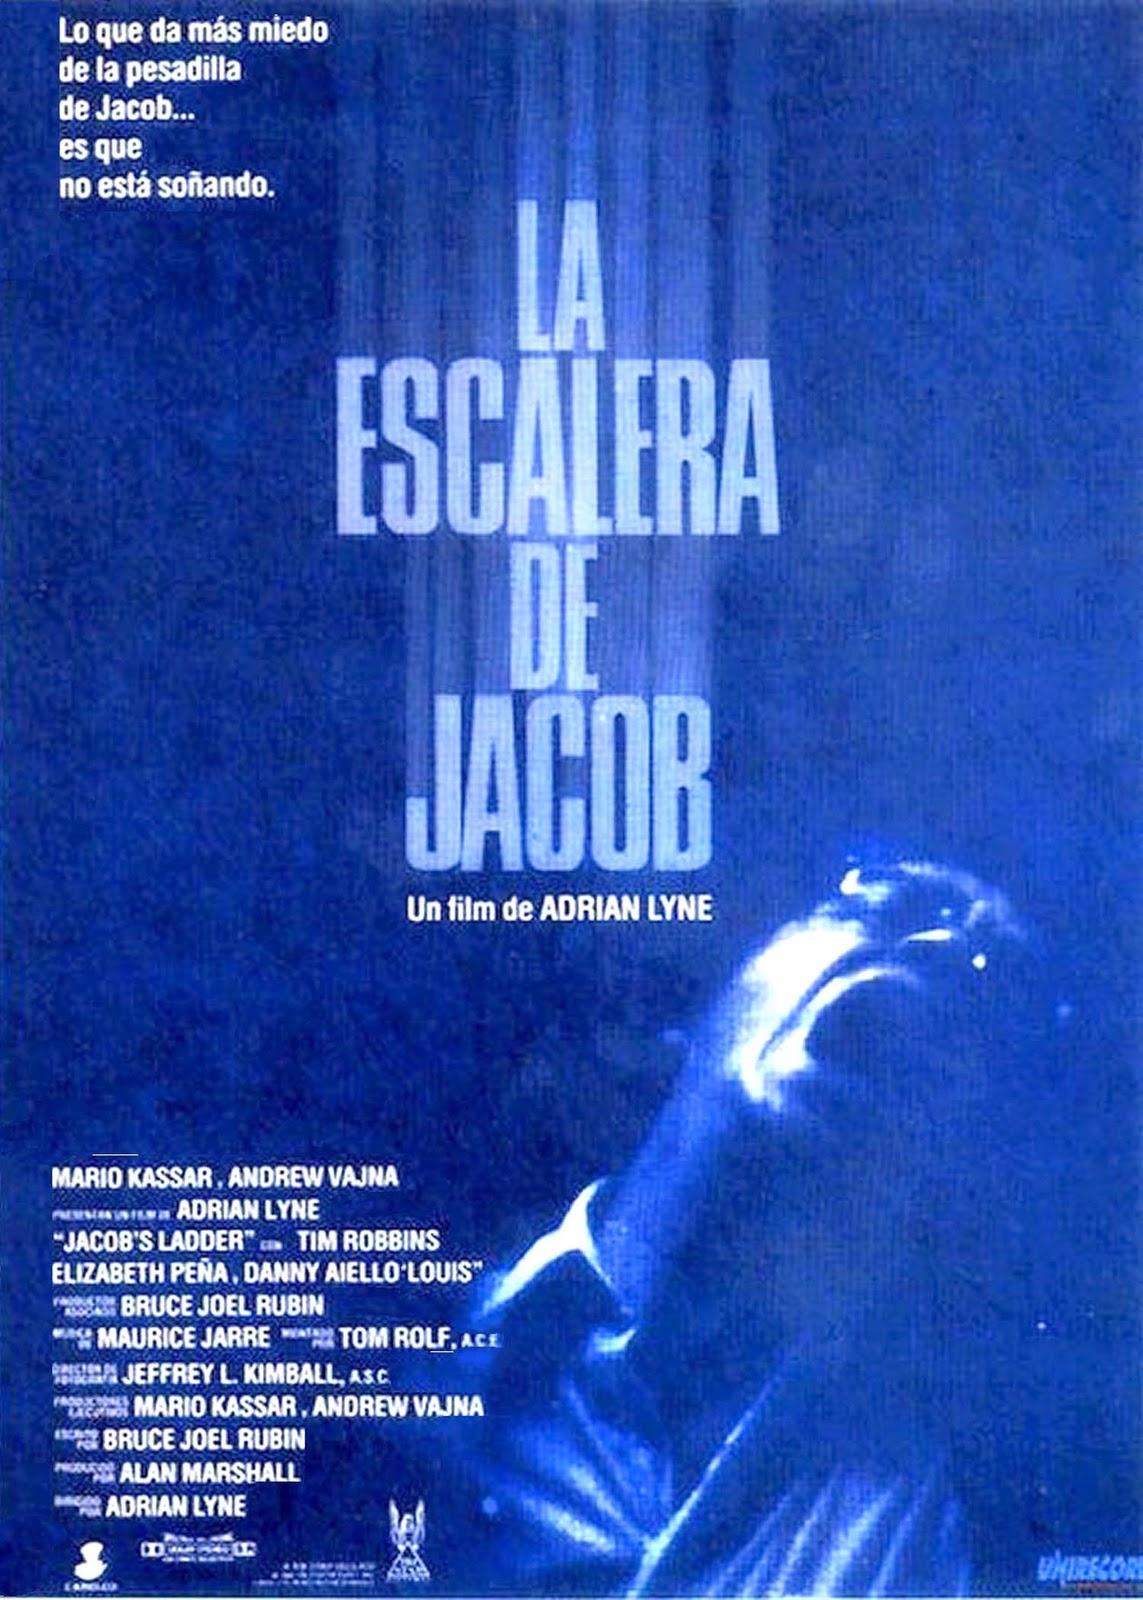 La escalera de jacob 1990 cine sinopsis y peliculas for La escalera de jacob